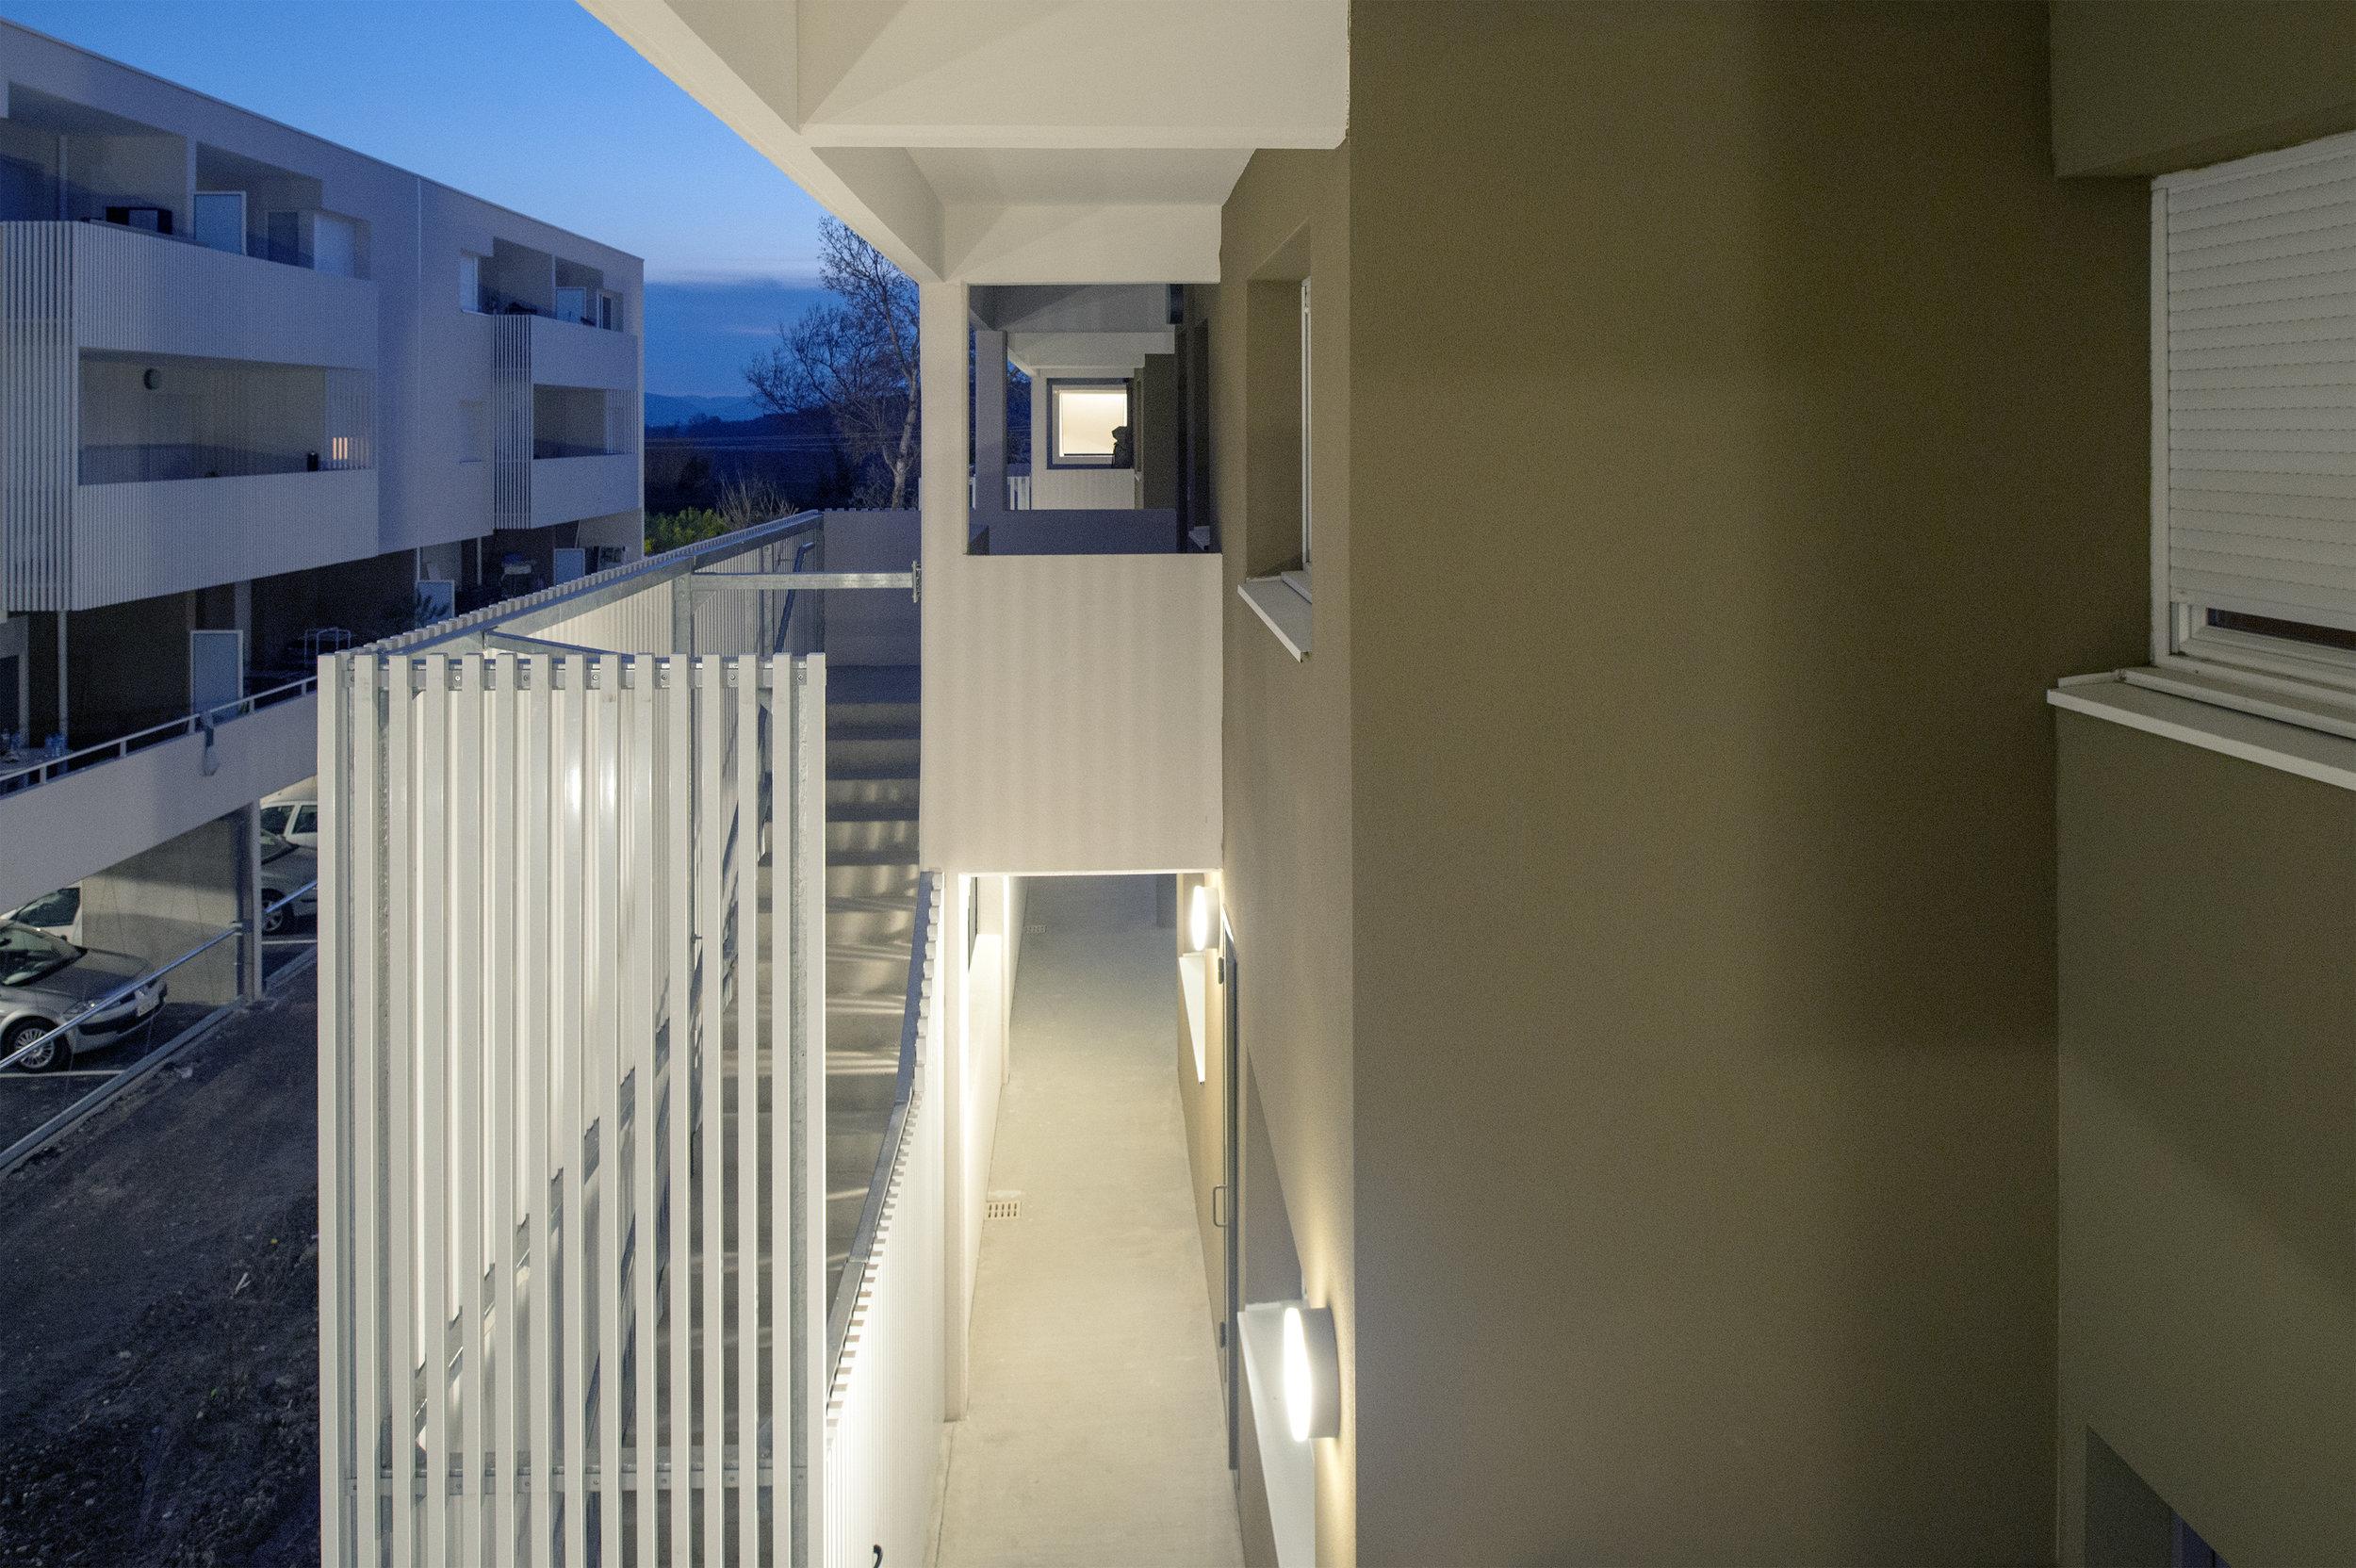 bécardmap-logements-clos-du-cantonnier-arles-02.jpg